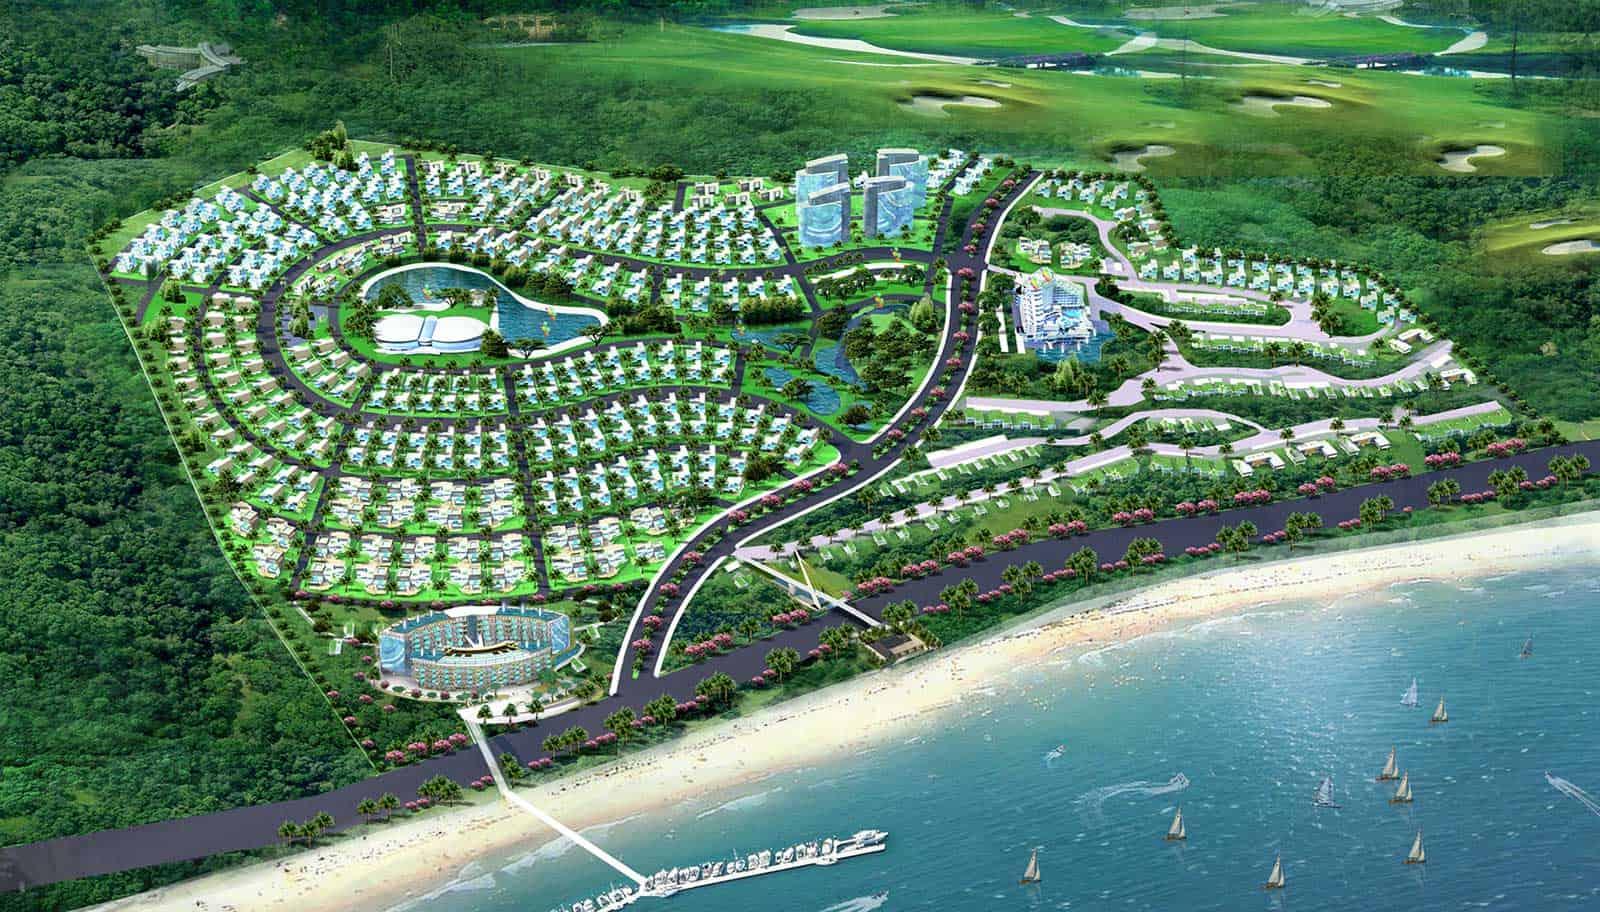 Sunny Villa dự án Nhà phố chất lượng phù hợp giá hấp hẫn